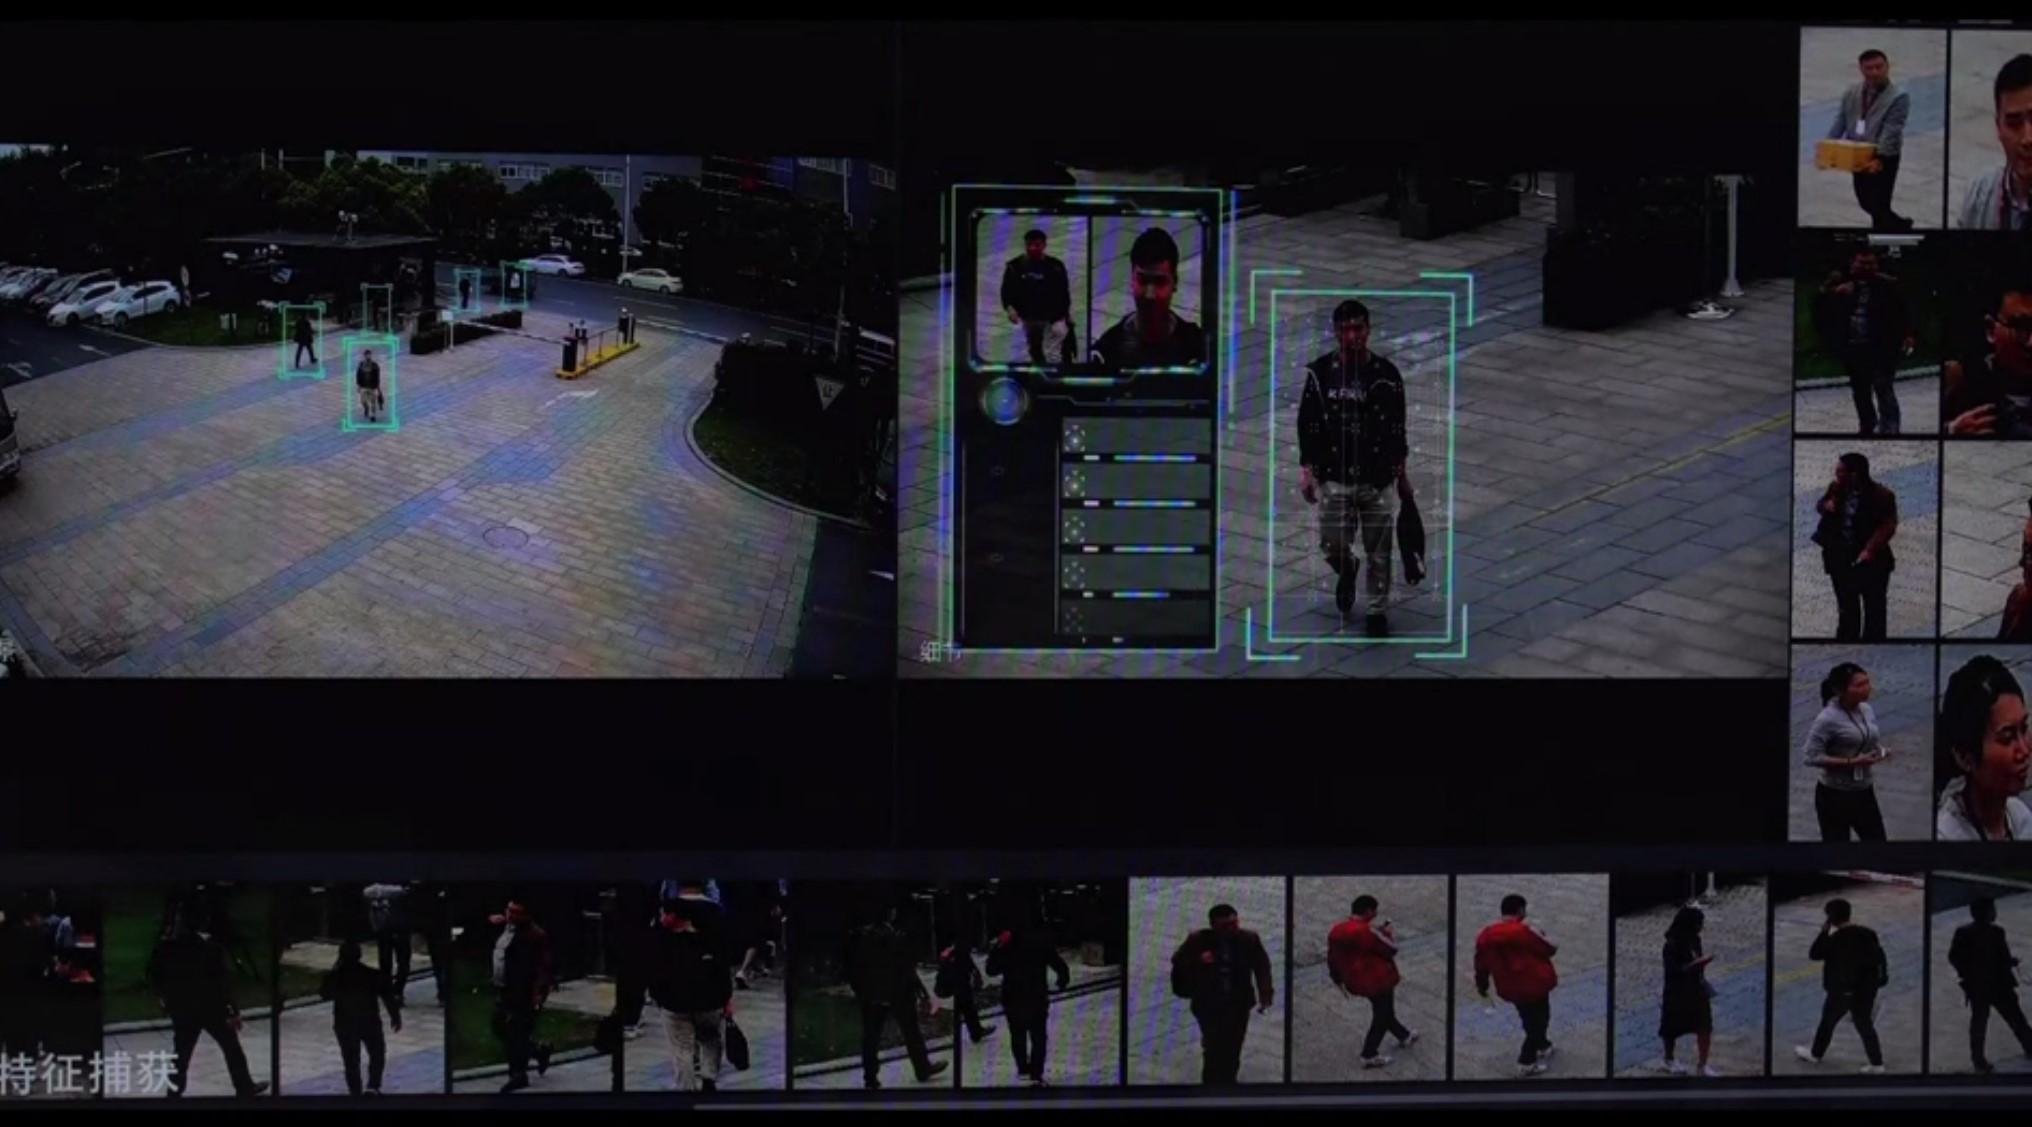 Приватность в Китае: преступника поймали на концерте в 50 тыс. человек с помощью системы распознавания лиц - 2